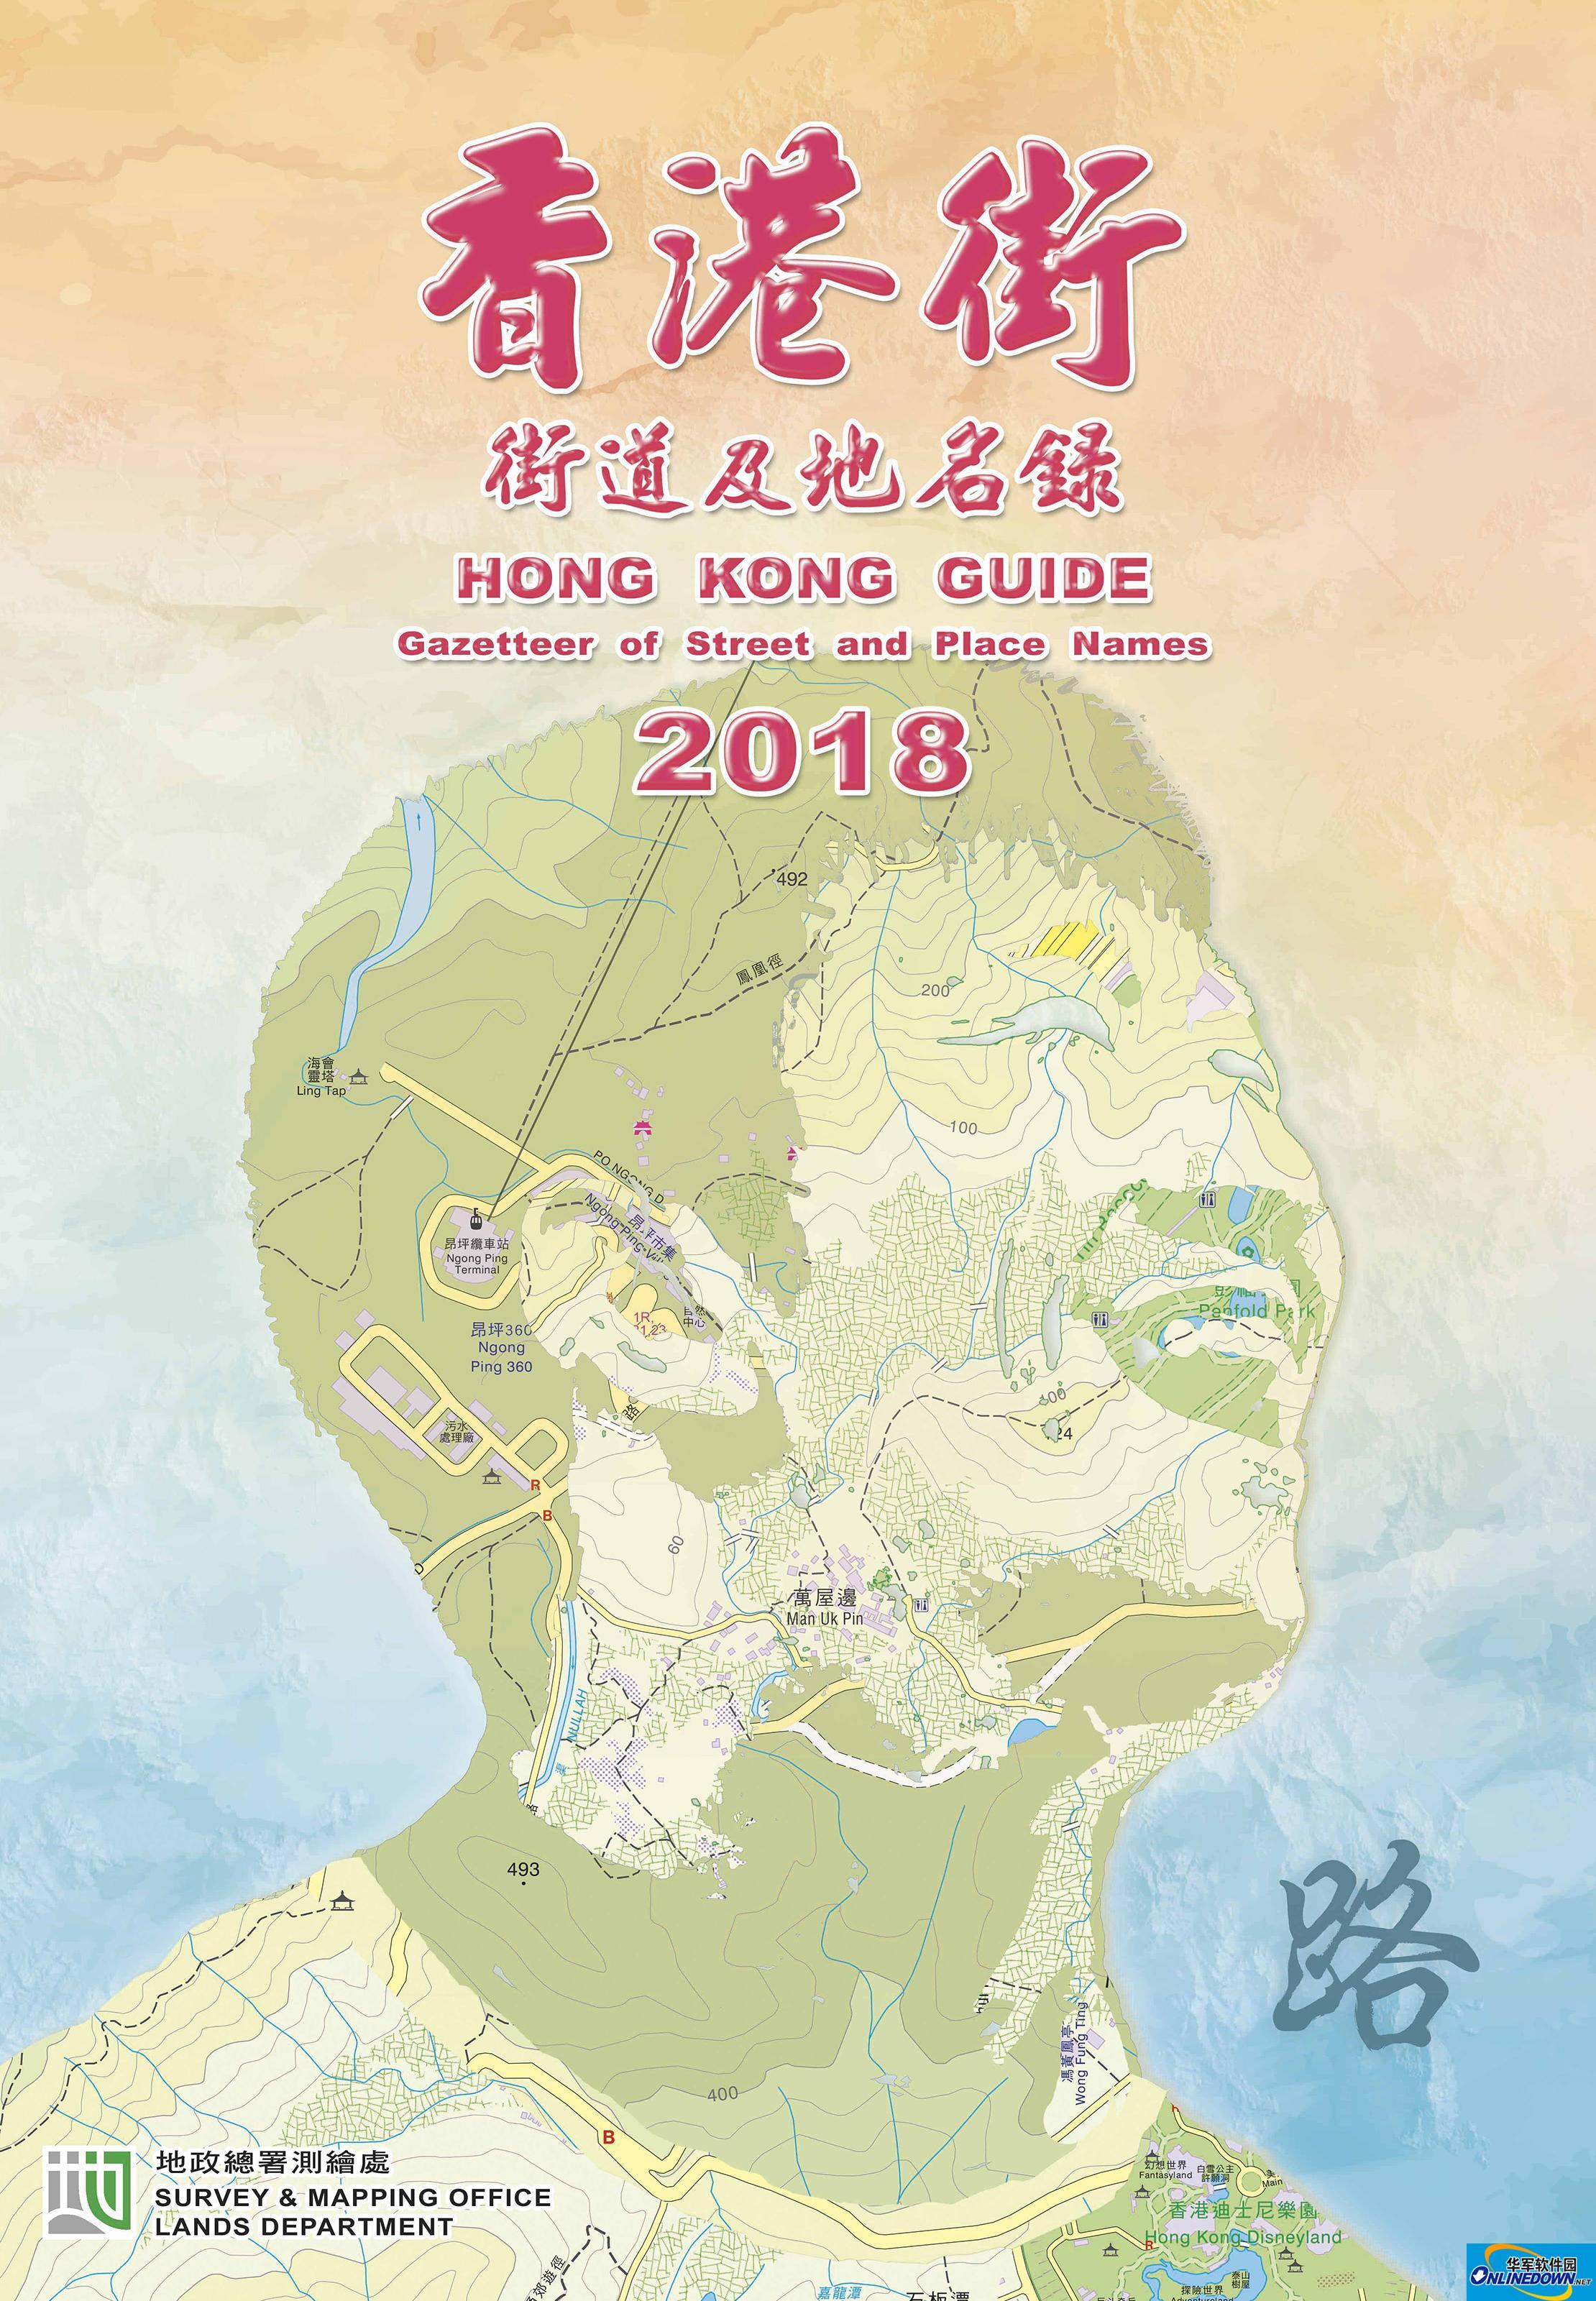 香港地政总署推出二��一八年版《香港街》及《e香港街》